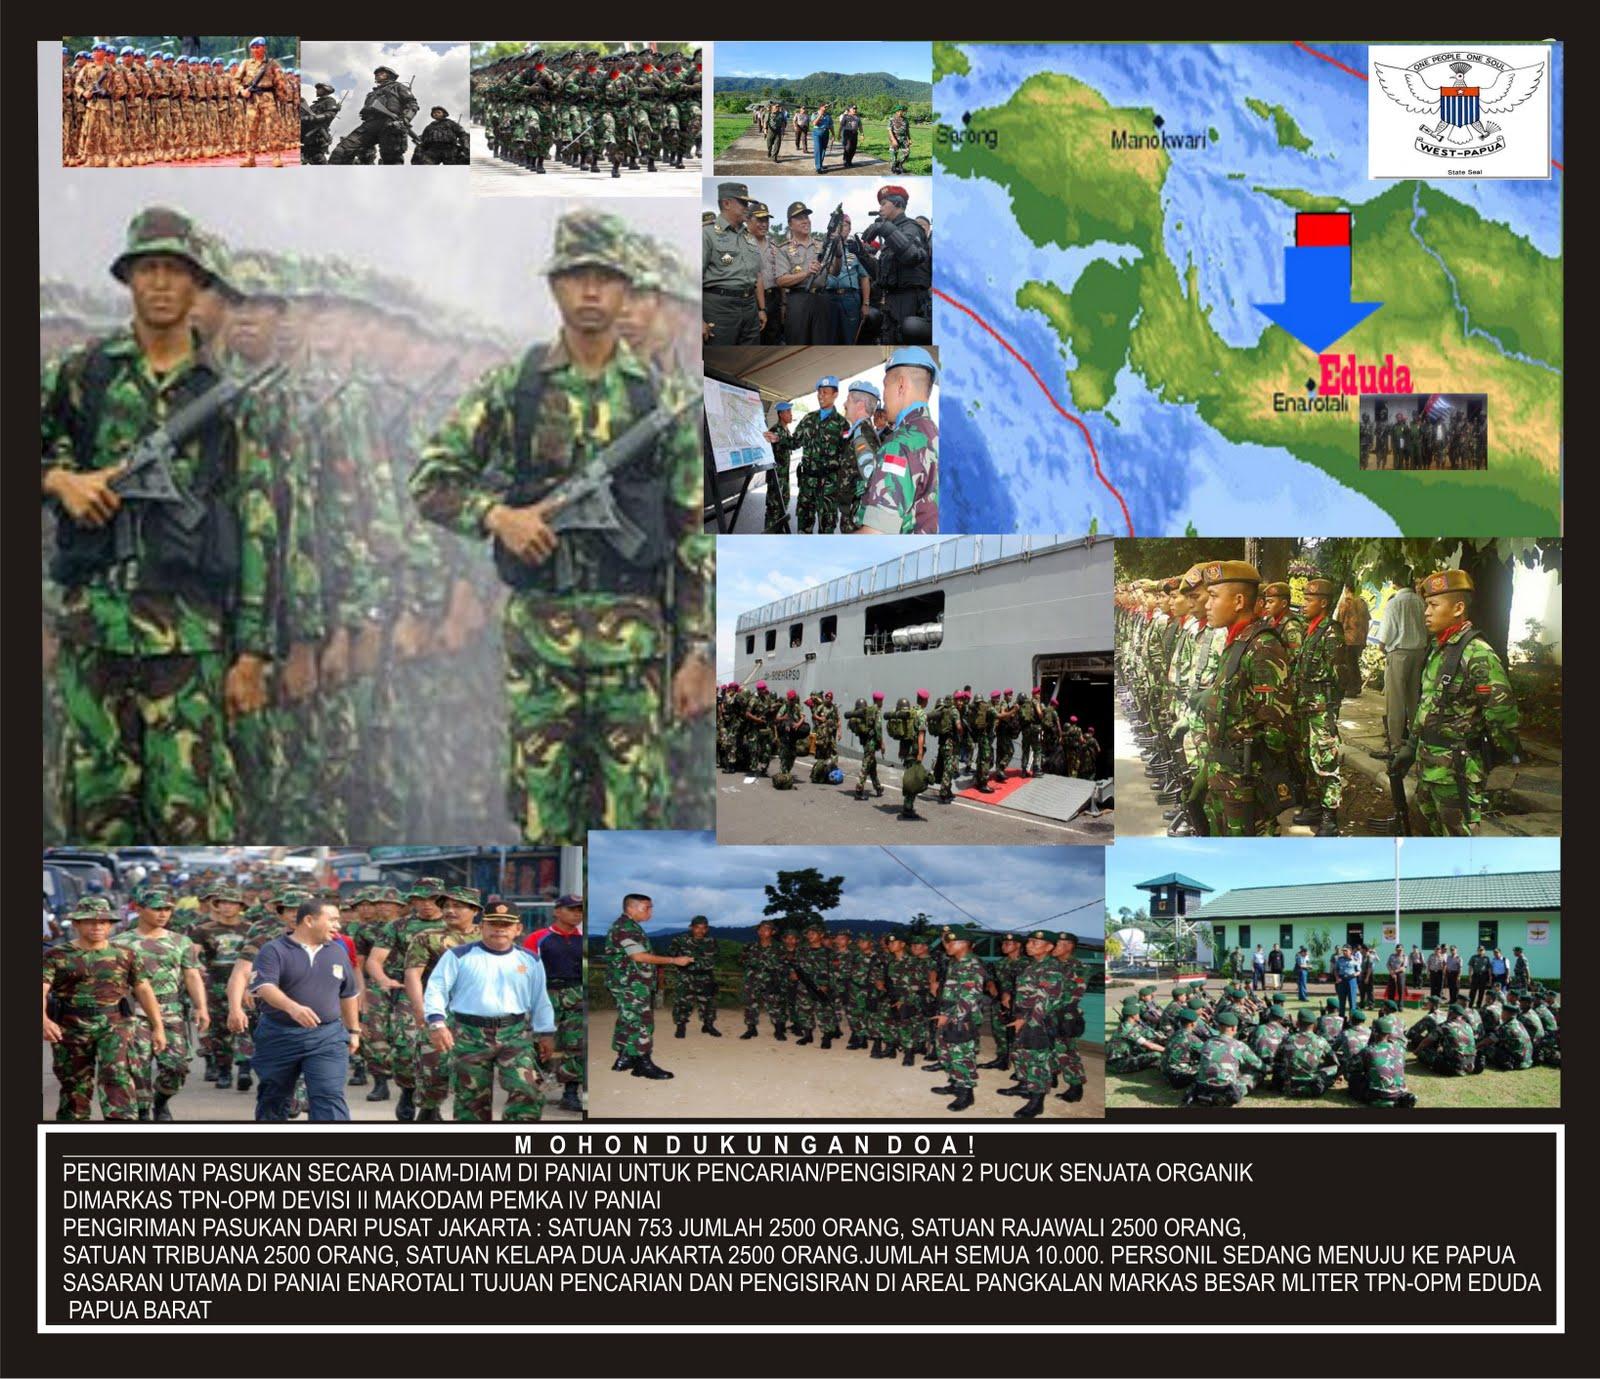 PENAMBAHAN PASUKAN TNI-POLRI SACARA RAHASIA DARI JAKARTA